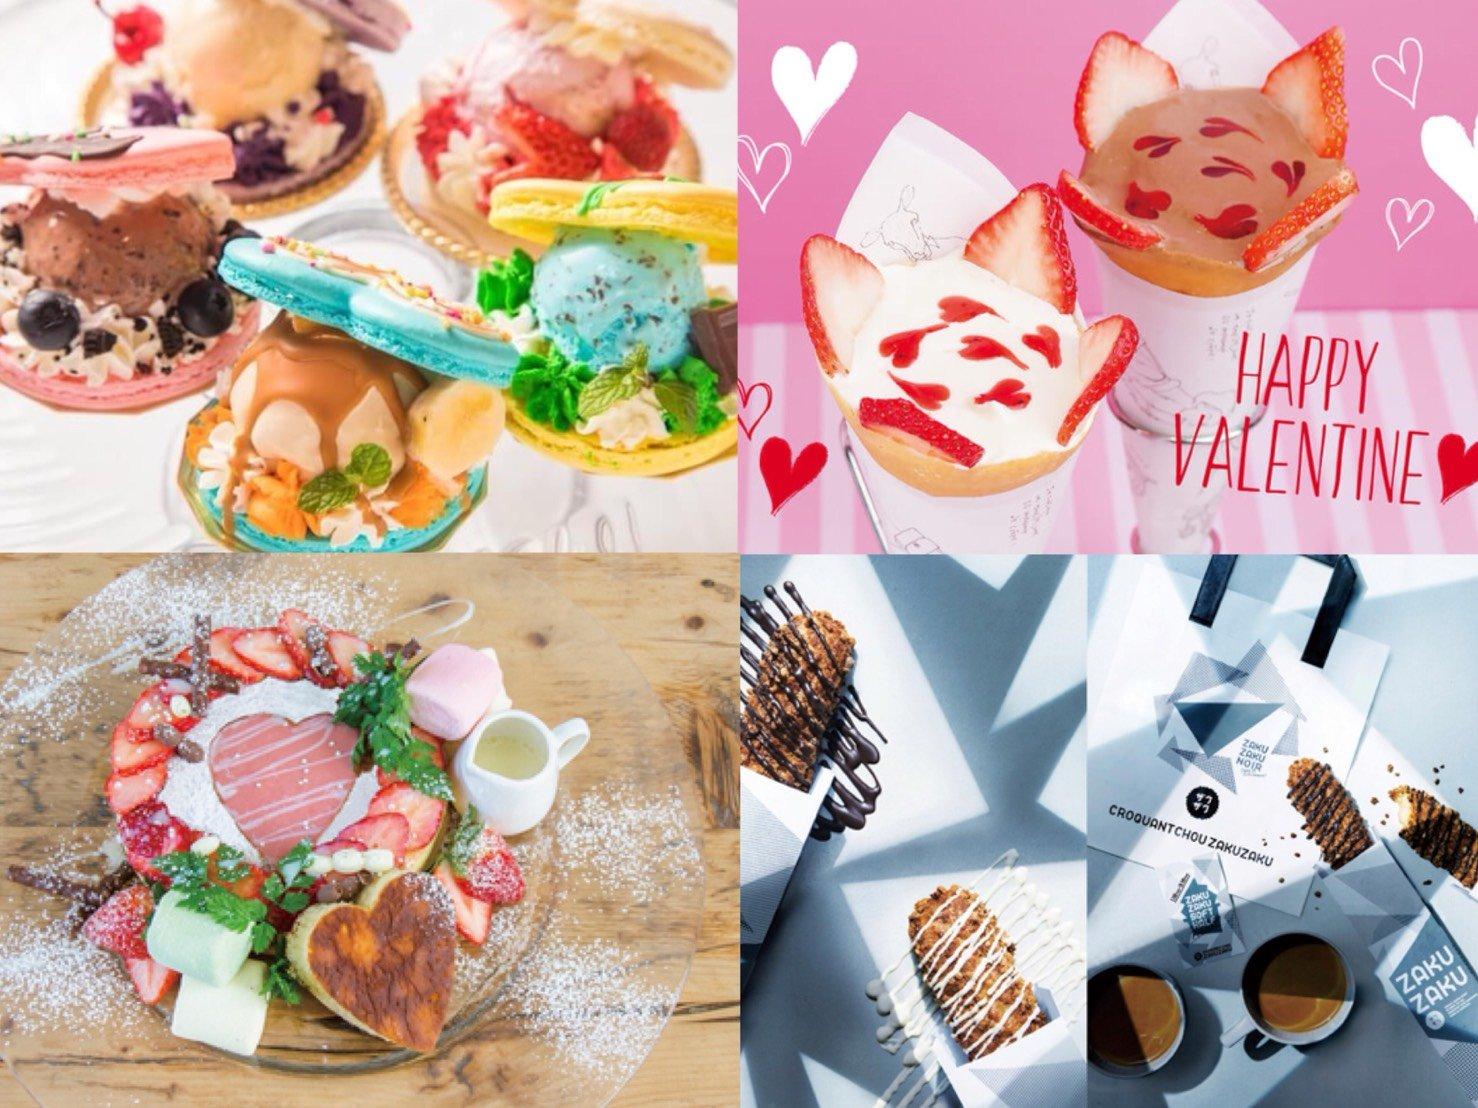 6間日本人氣咖啡廳的2018年情人節限定菜單介紹 咖啡廳、在原宿、在東京、情人節、甜點、